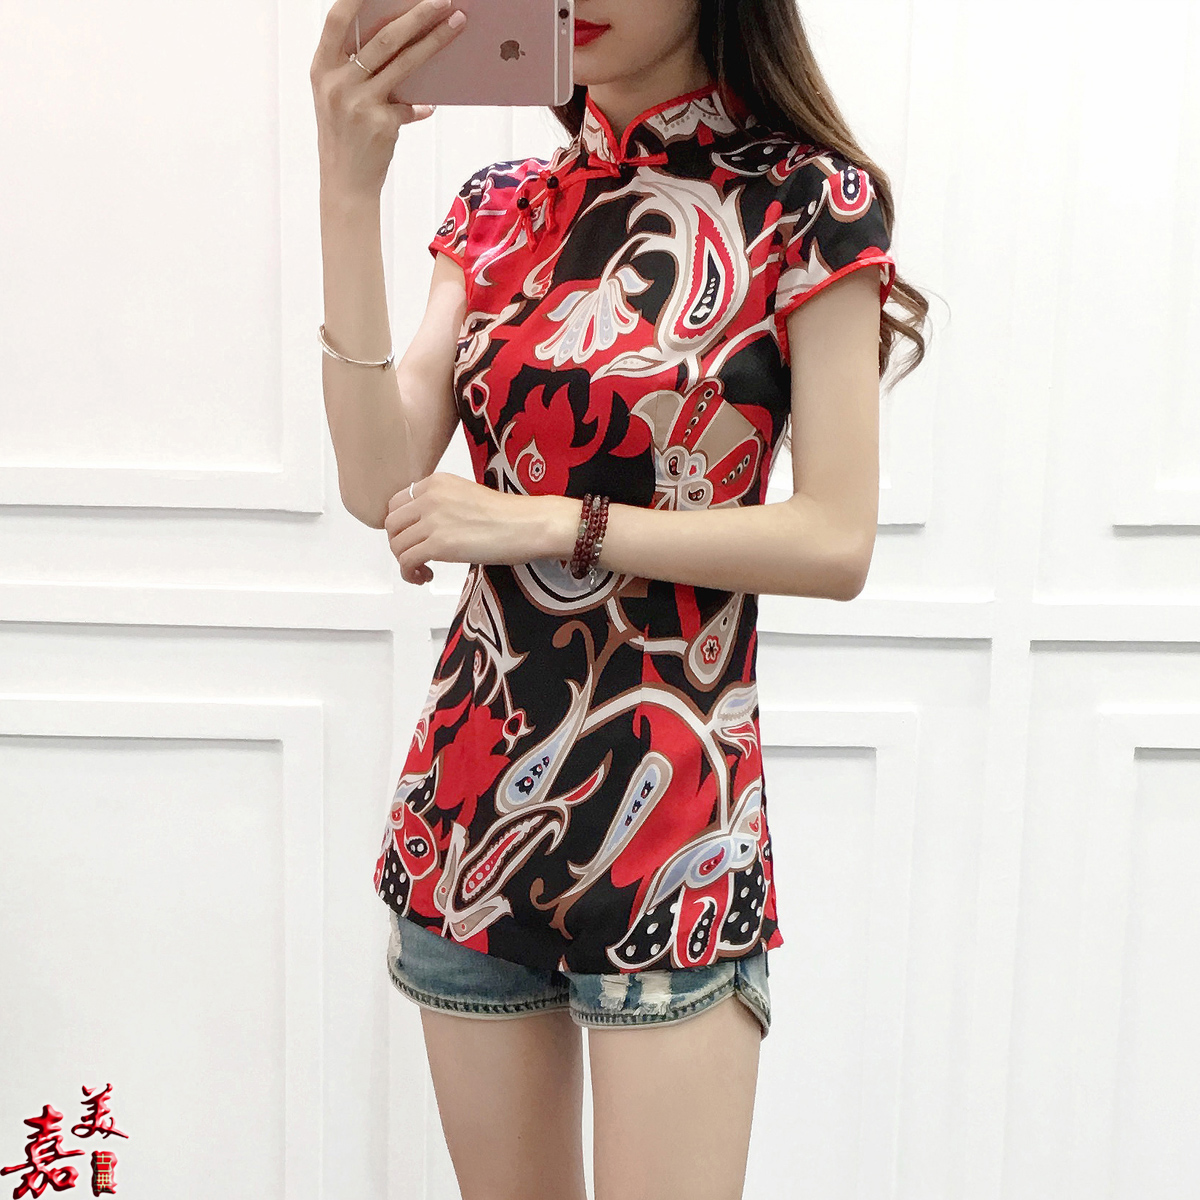 中式民国风女装夏季新款唐装中国风修身改良透气旗袍上衣唐装女士